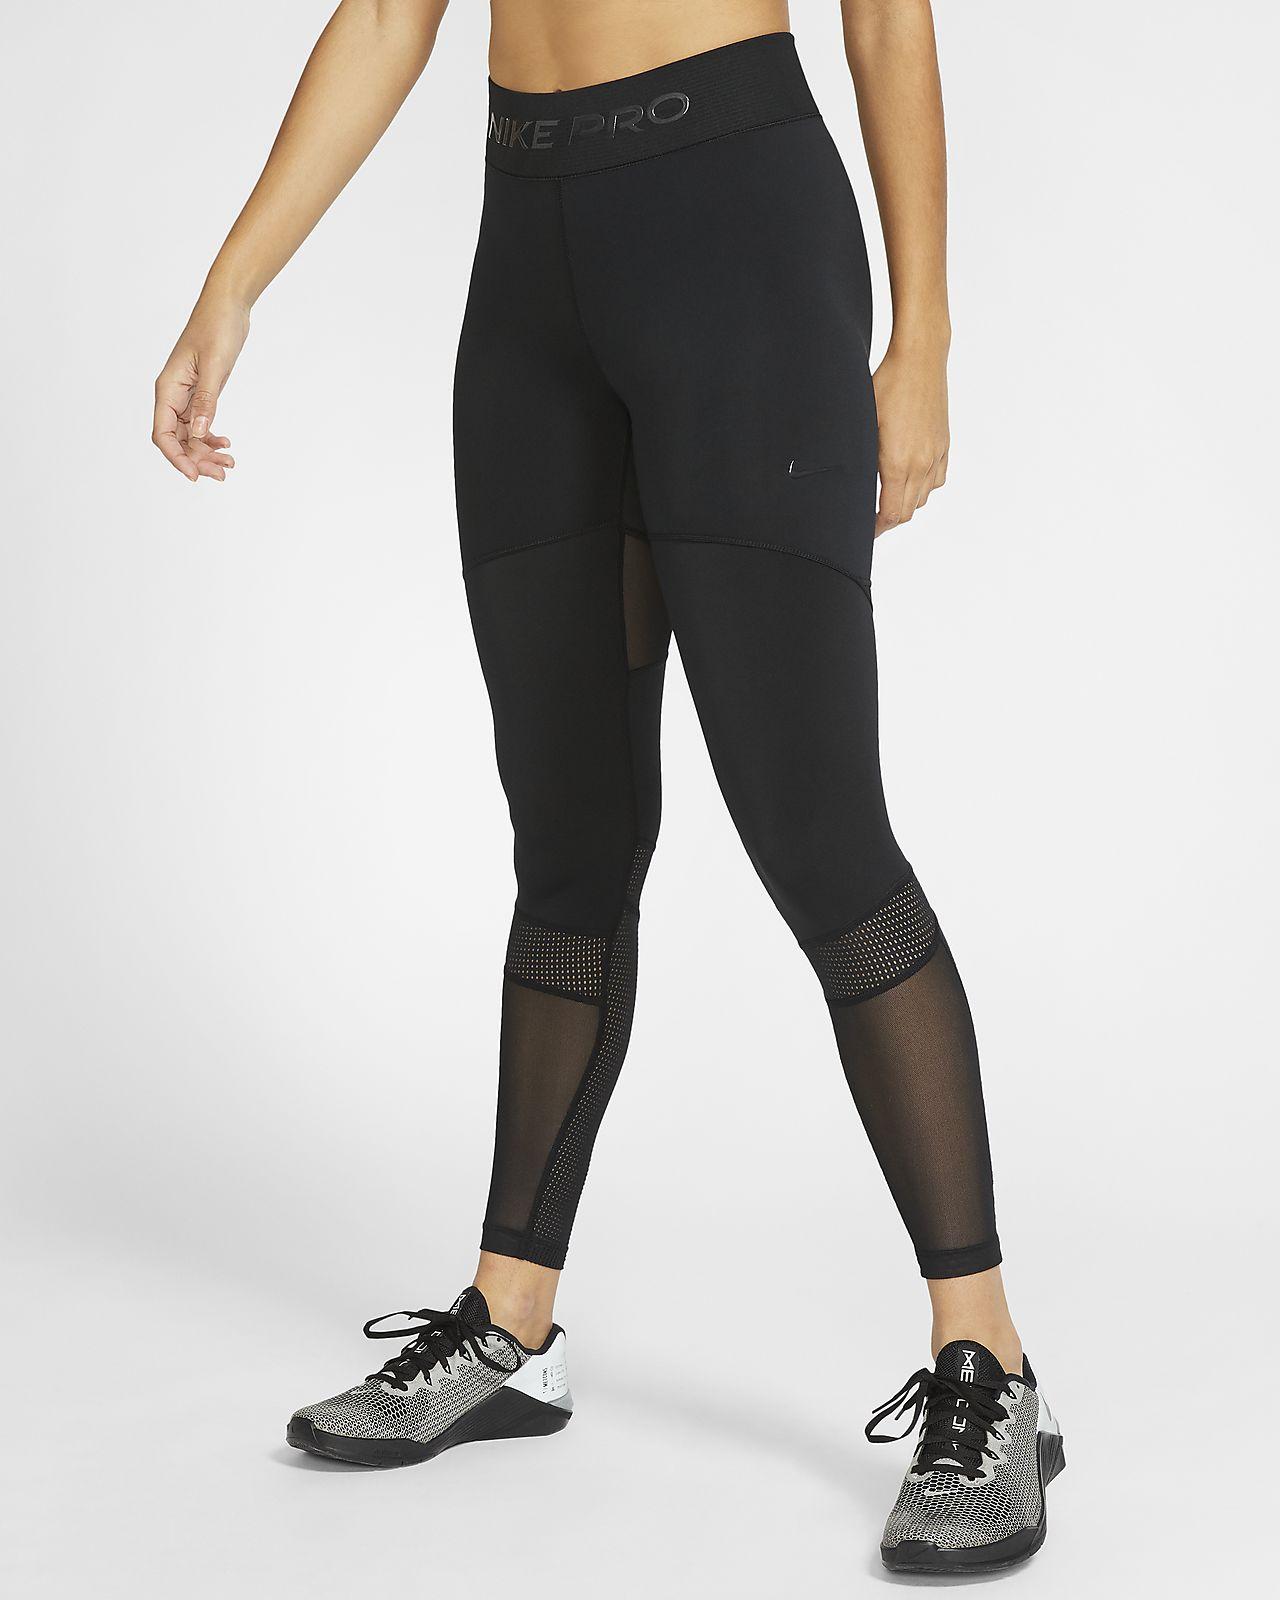 Nike Pro Luxe Damestights